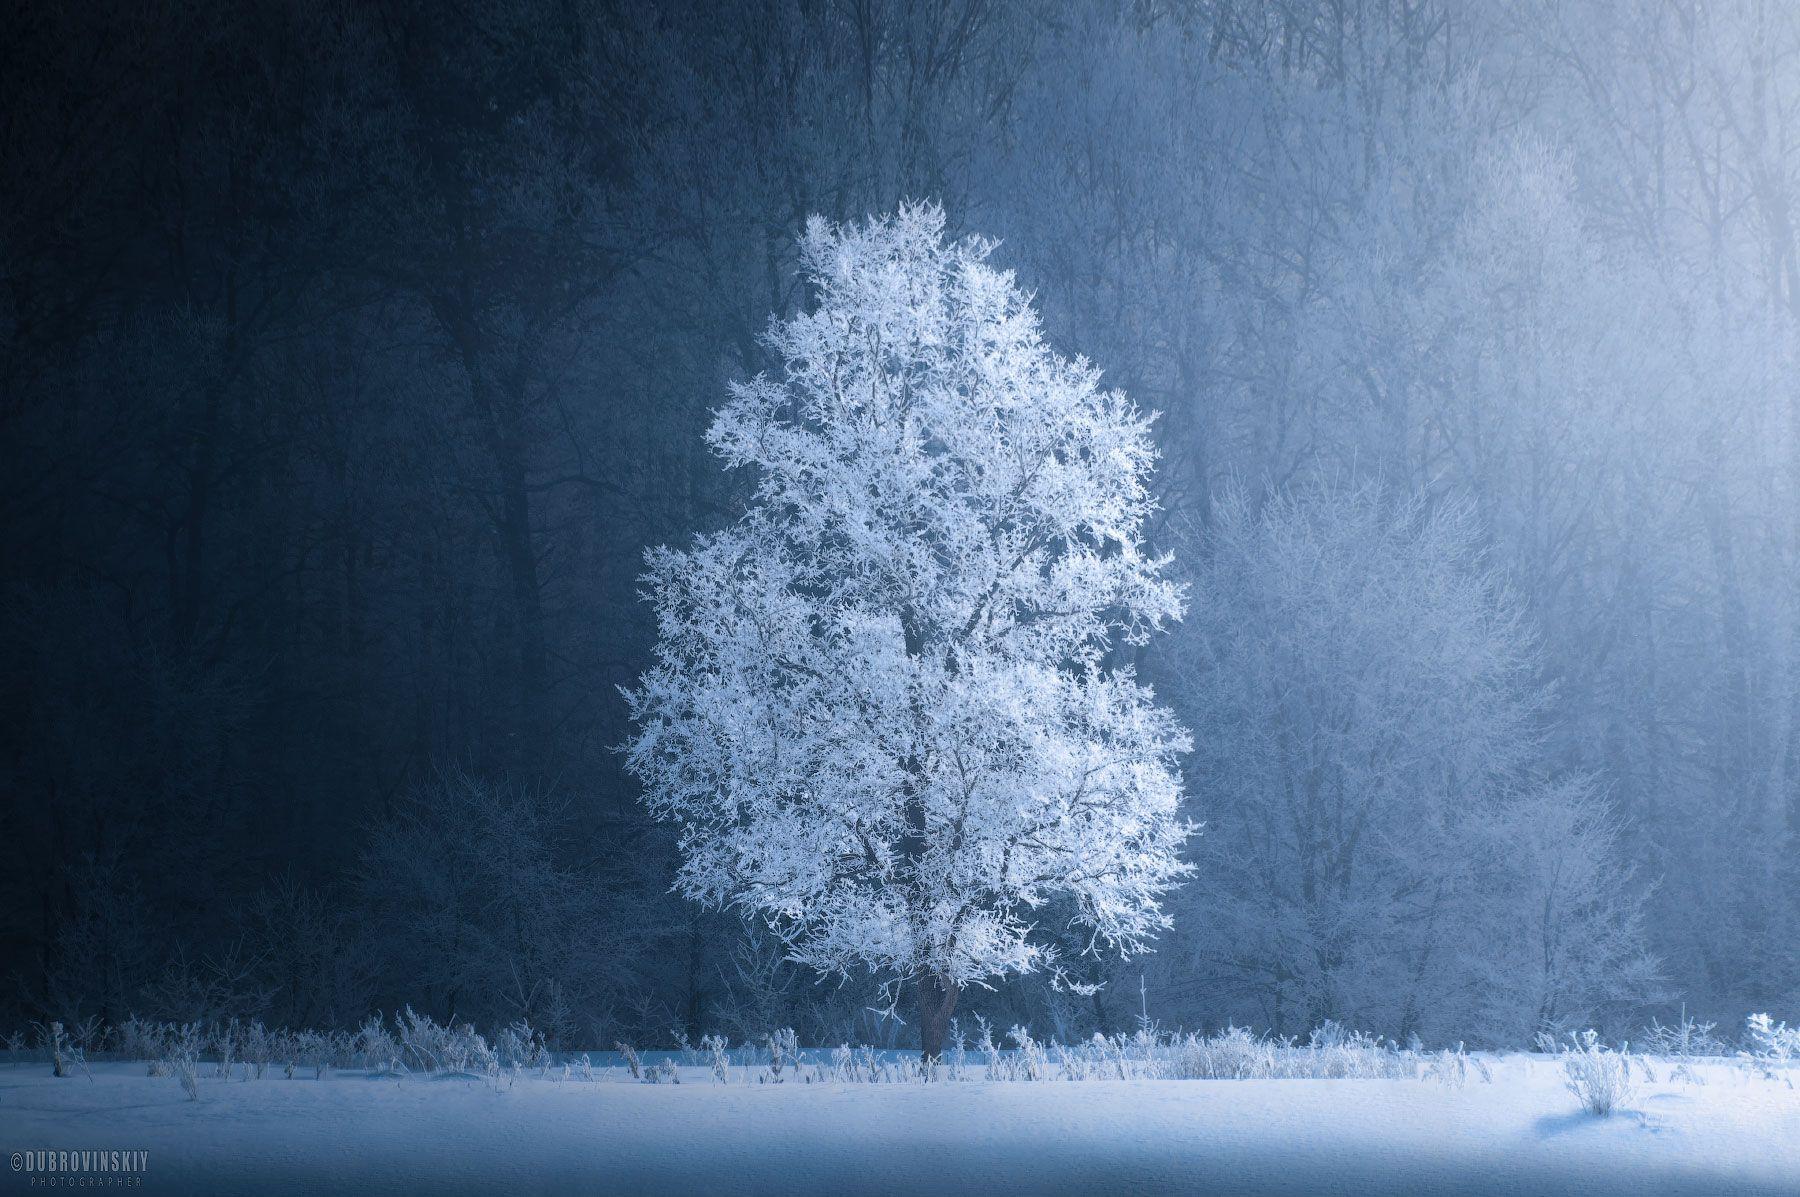 дерево, иней, зима, мороз, Дубровинский Михаил